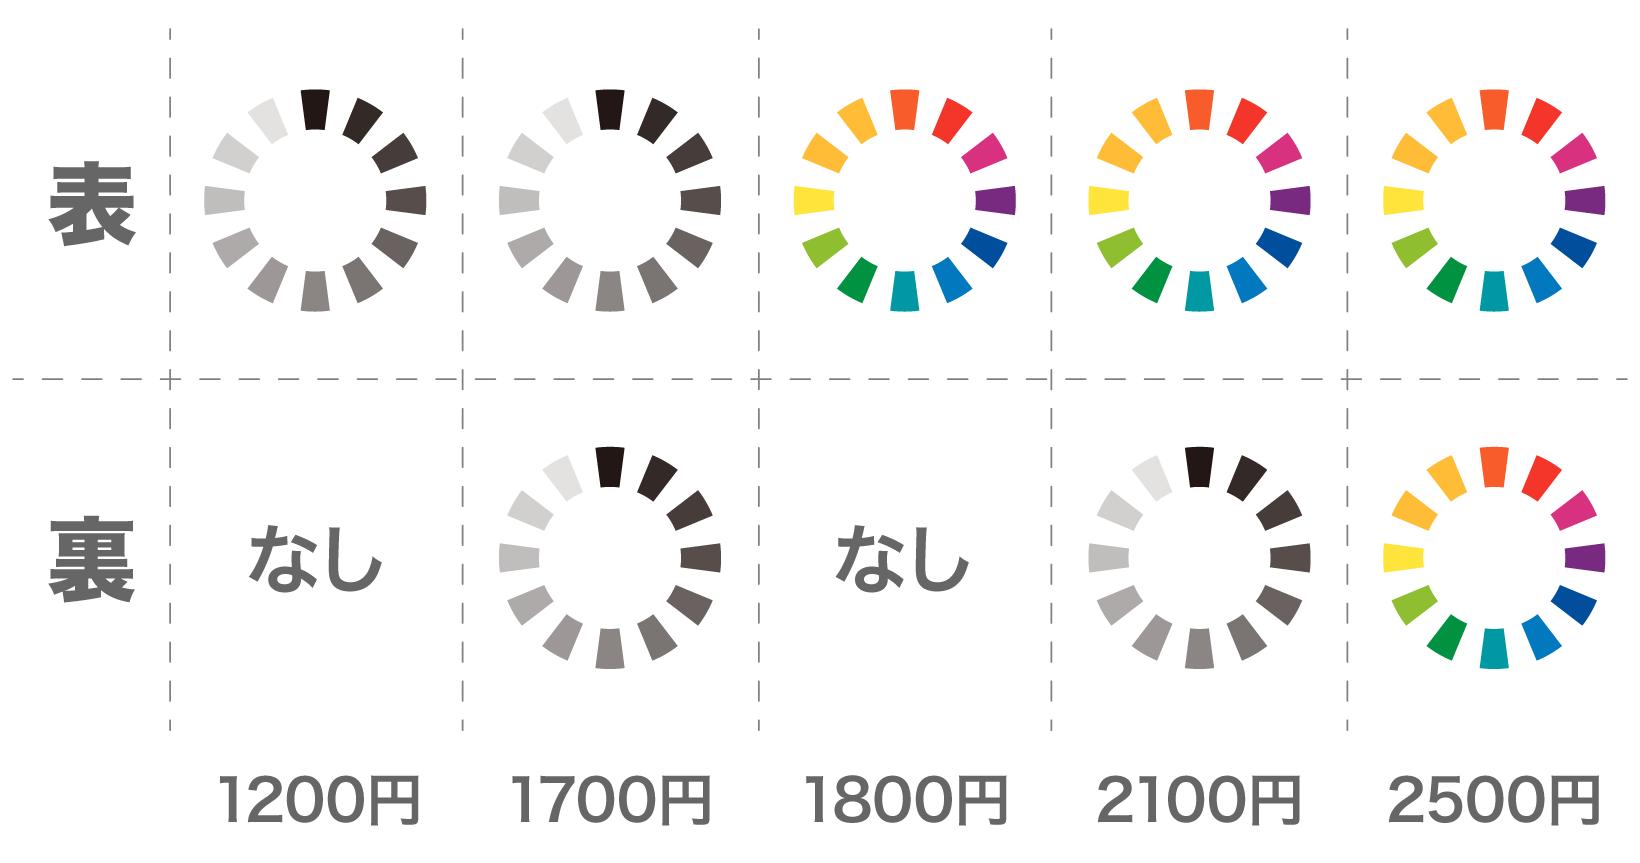 名刺の印刷費用は、 片面/ 両面、モノクロ/ カラーそれぞれにより費用が異なる